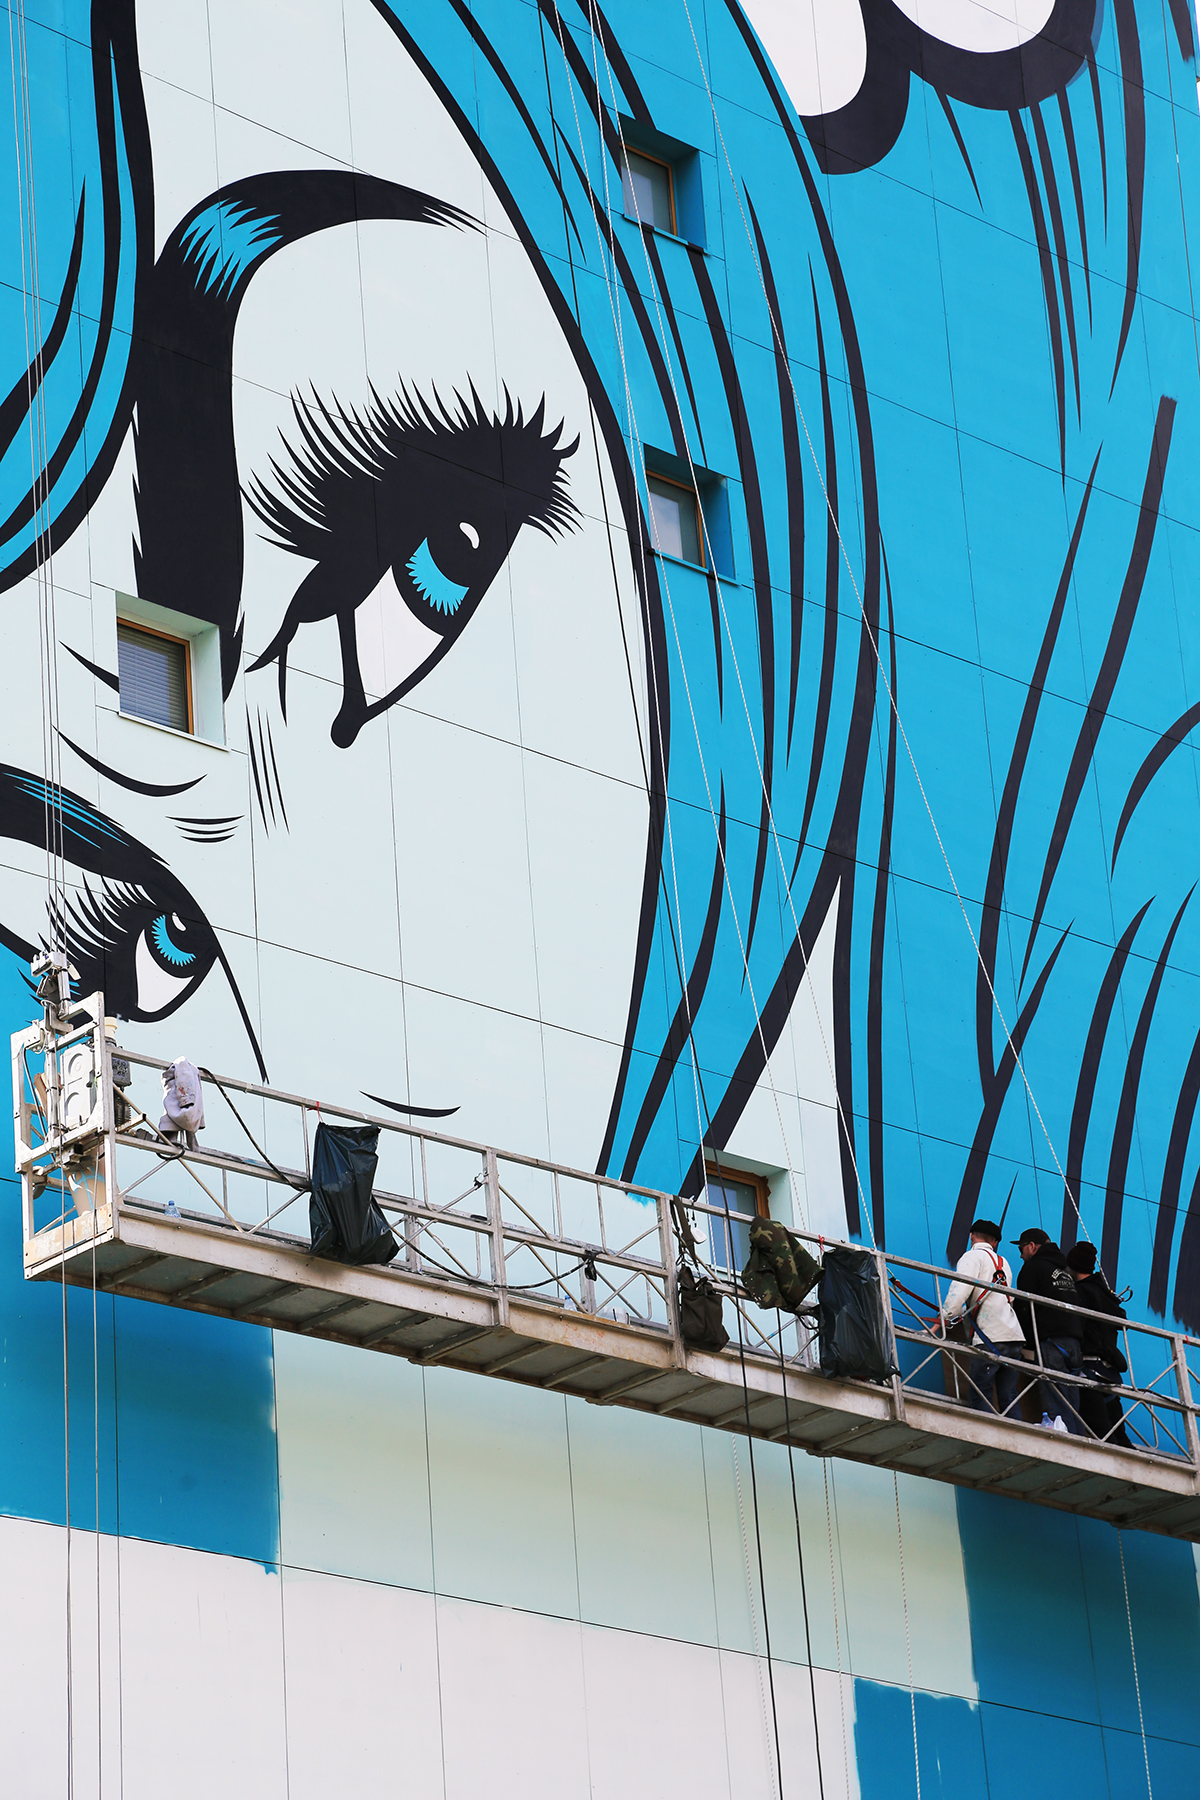 DFACE nouveau mur street art paris 13